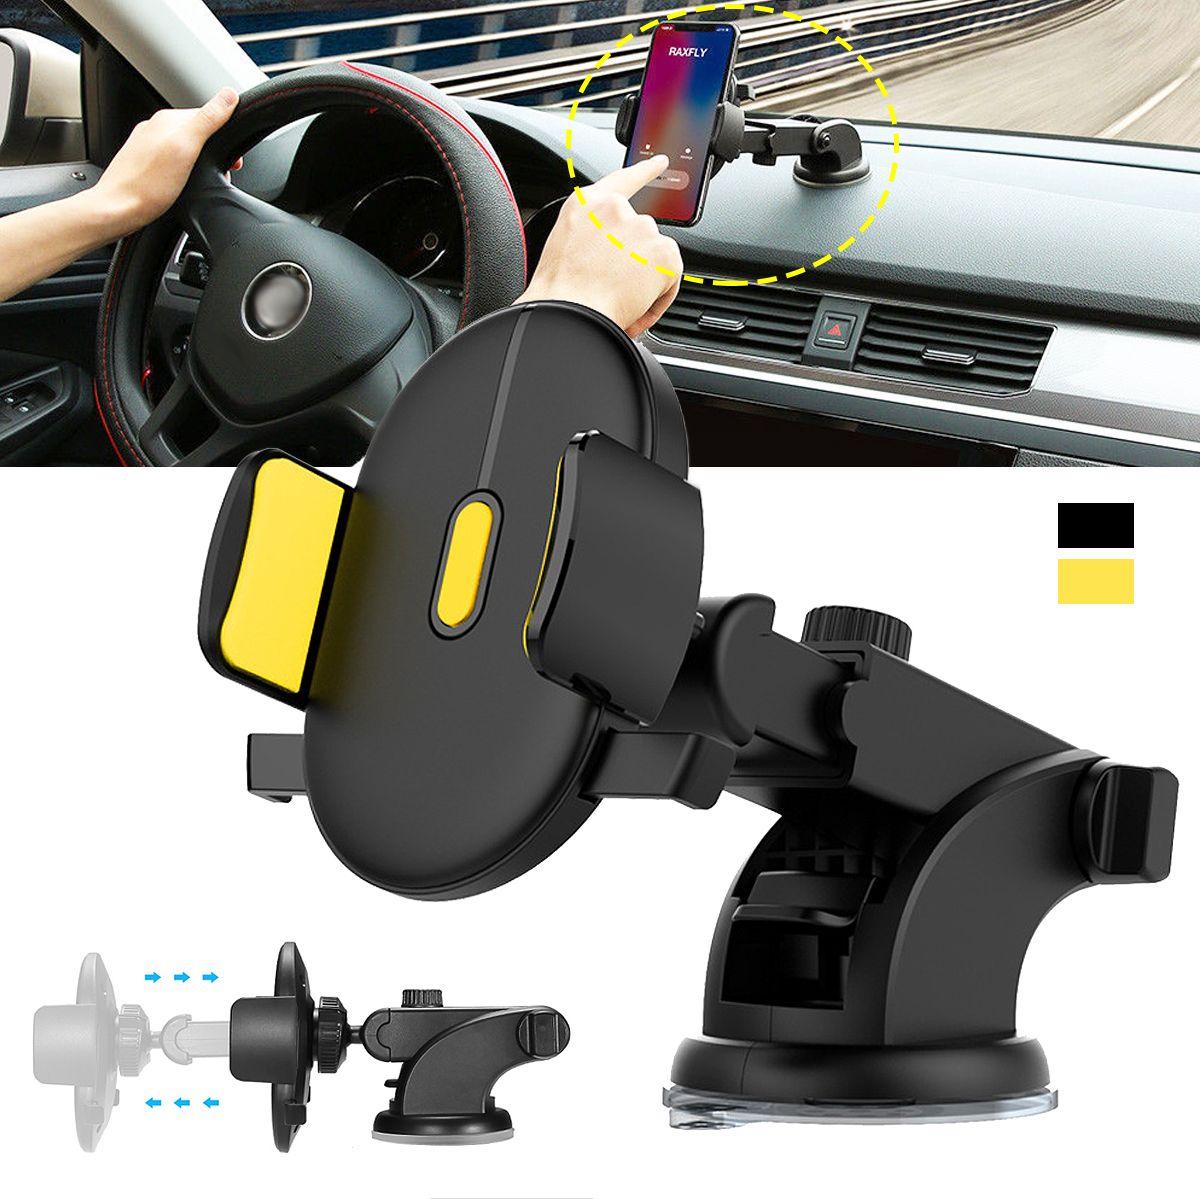 Réglable Automatiquement De Verrouillage Téléphone Mount Holder Pare-Brise Co-pilote Universel De Voiture Support de Téléphone Accessoires Intérieurs Automobiles